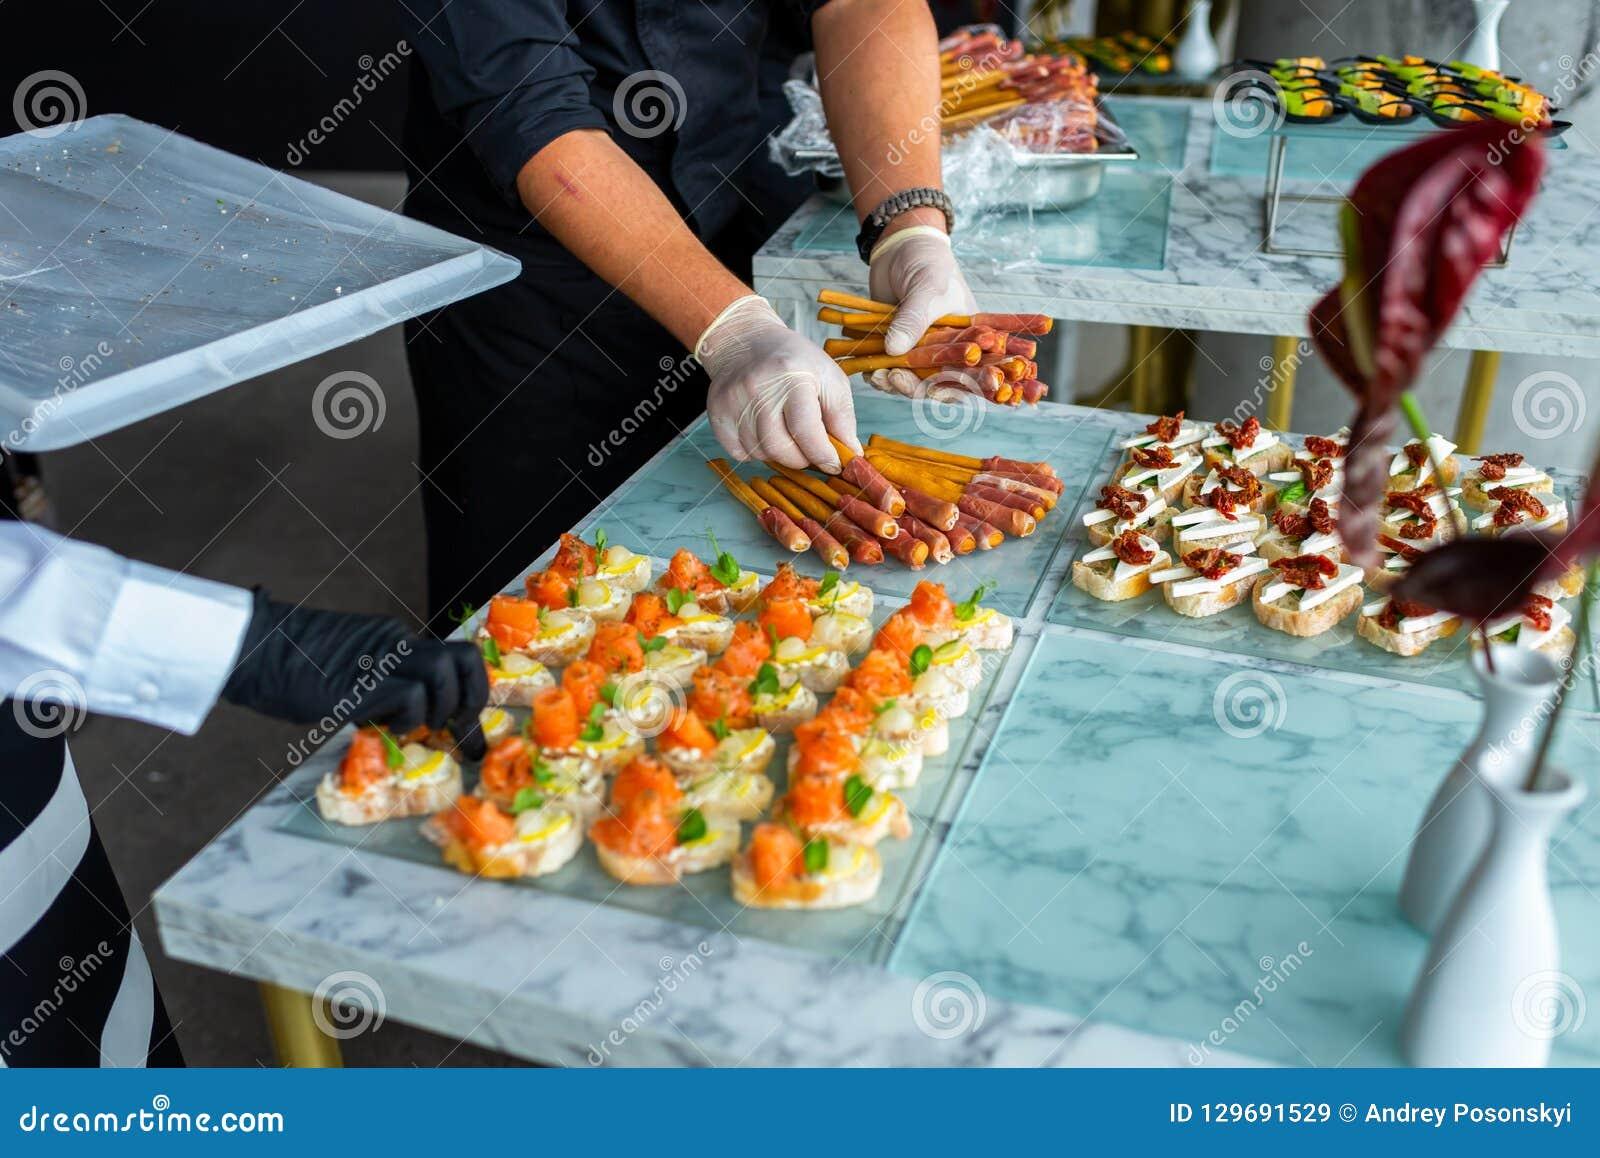 Un cameriere in guanti ad un banchetto prepara una tavola